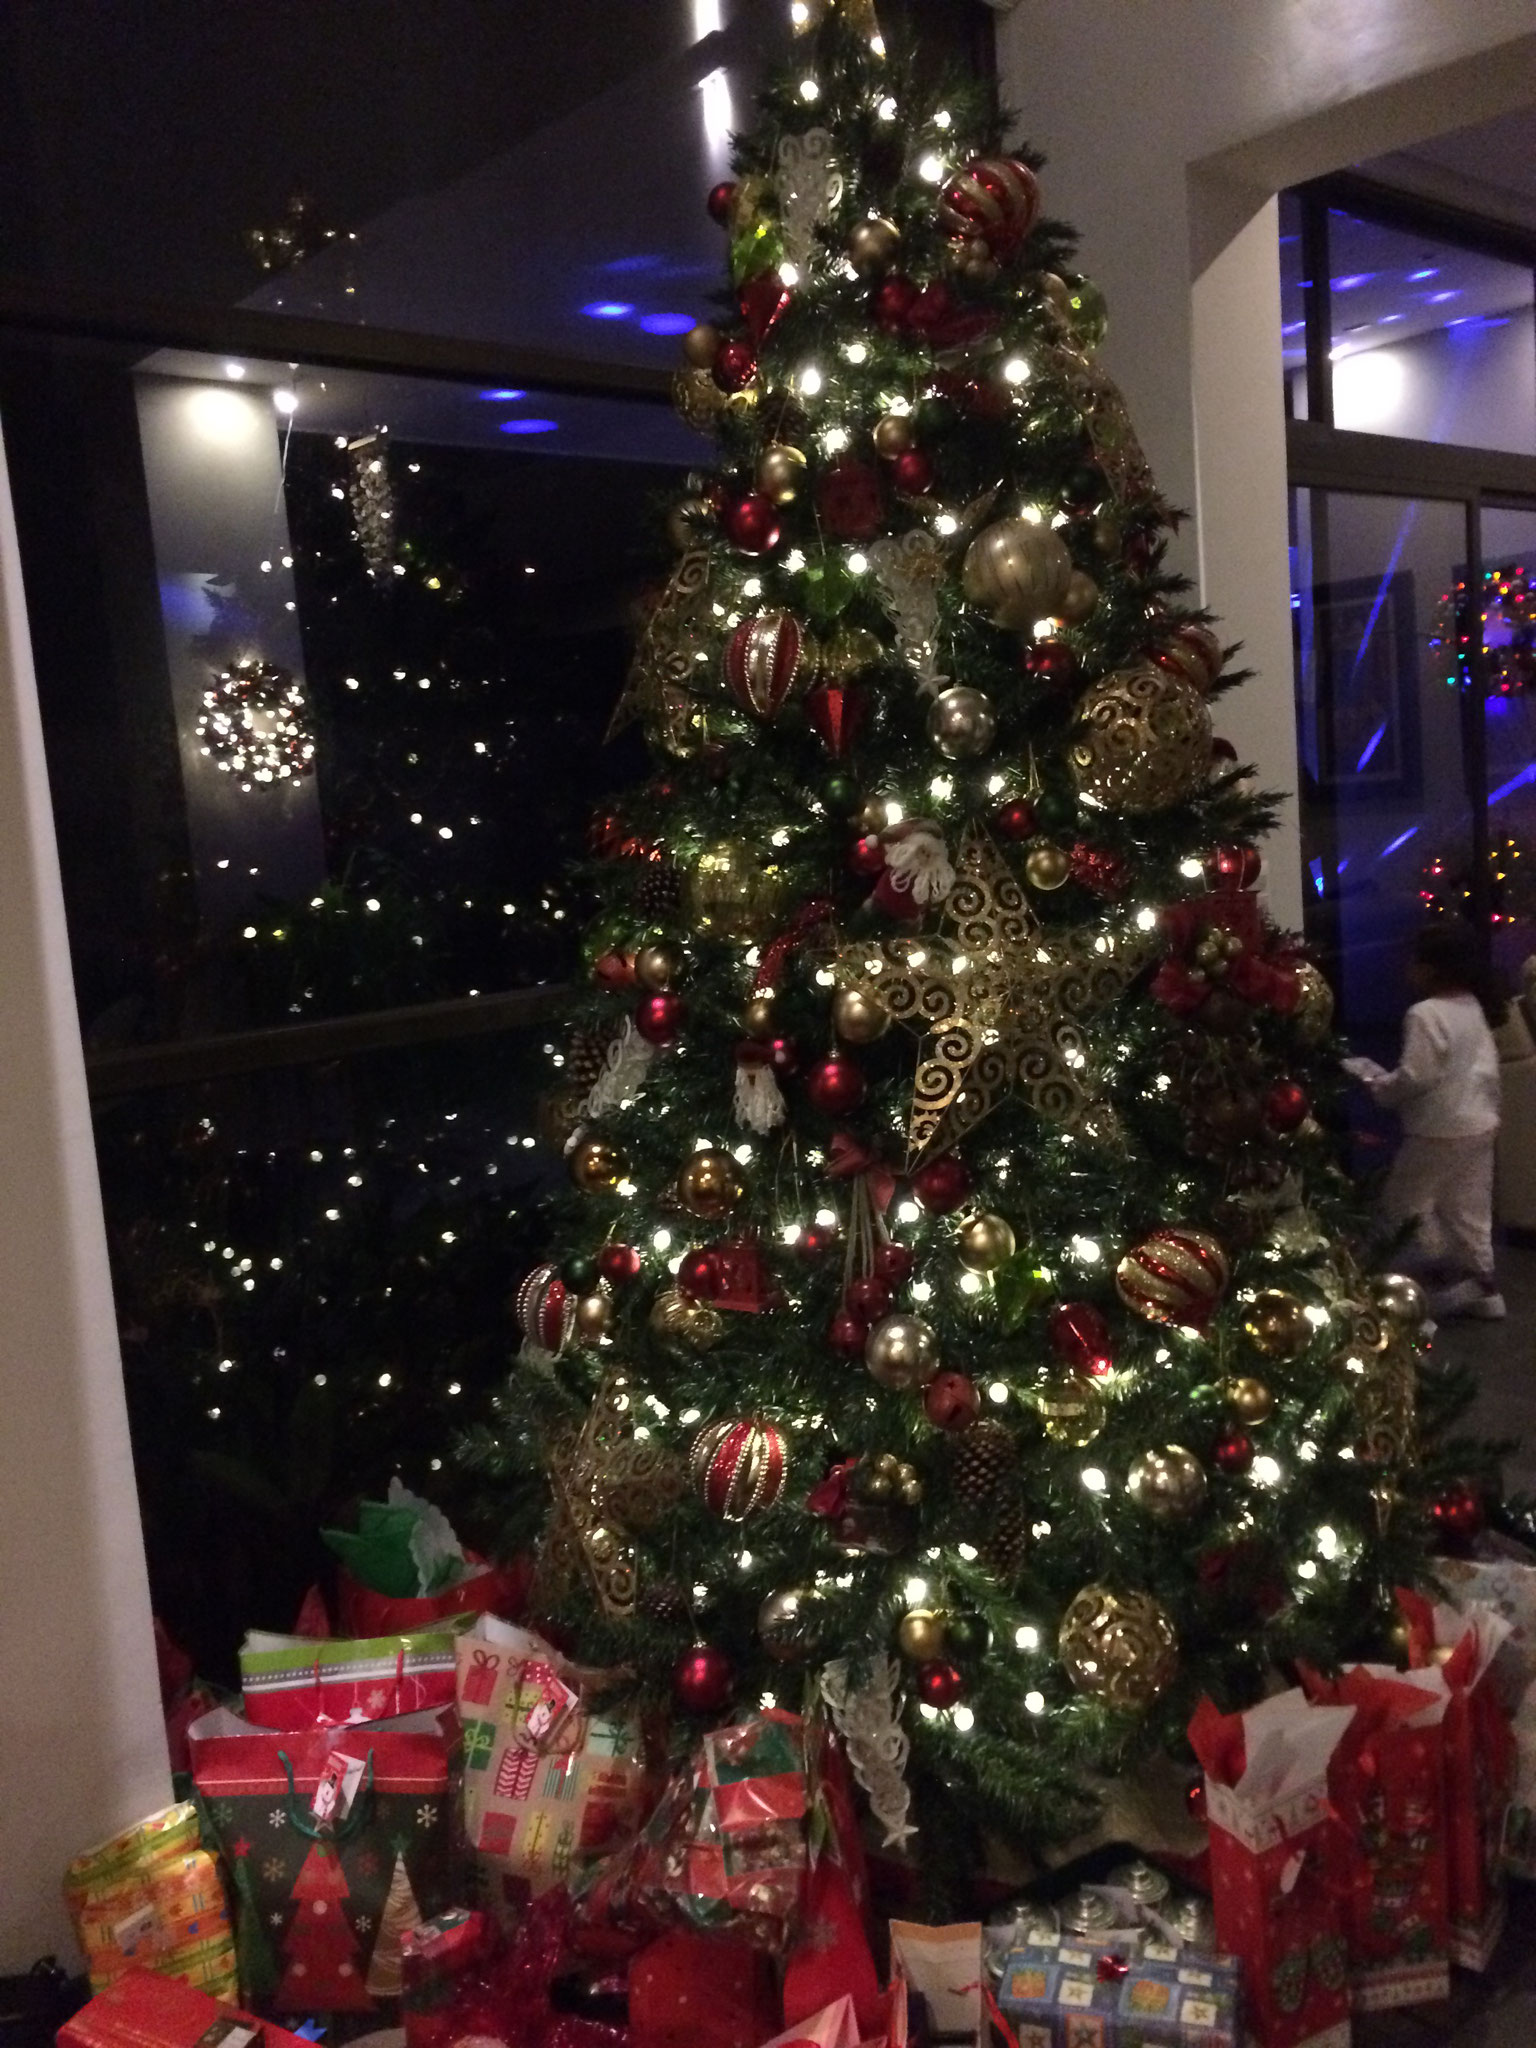 Der Weihnachtsbaum an Heiligabend